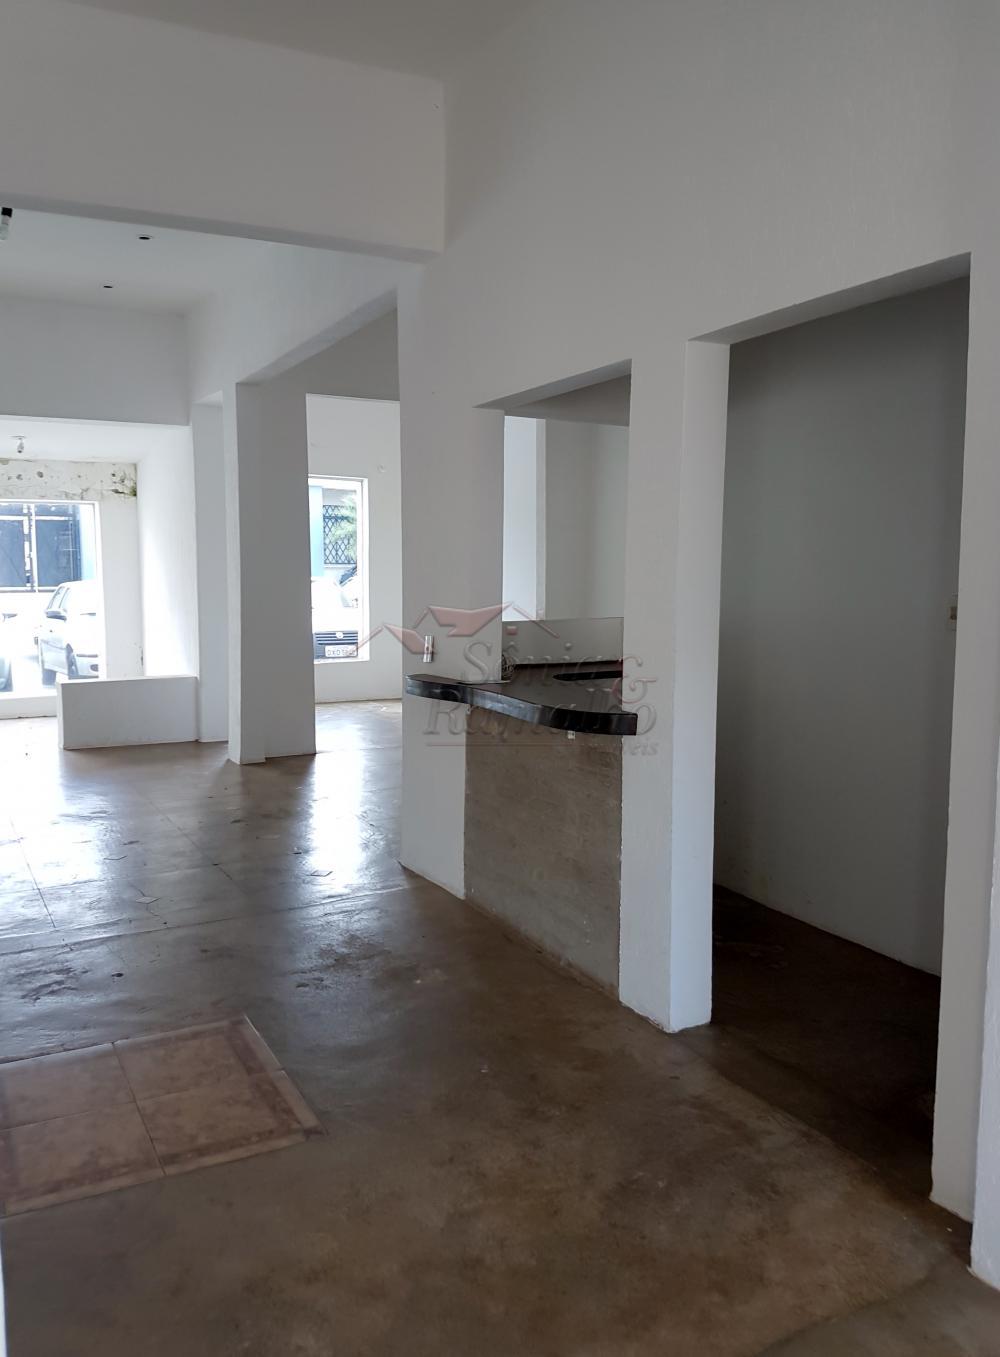 Alugar Comercial / Salão comercial em Ribeirão Preto apenas R$ 3.200,00 - Foto 7